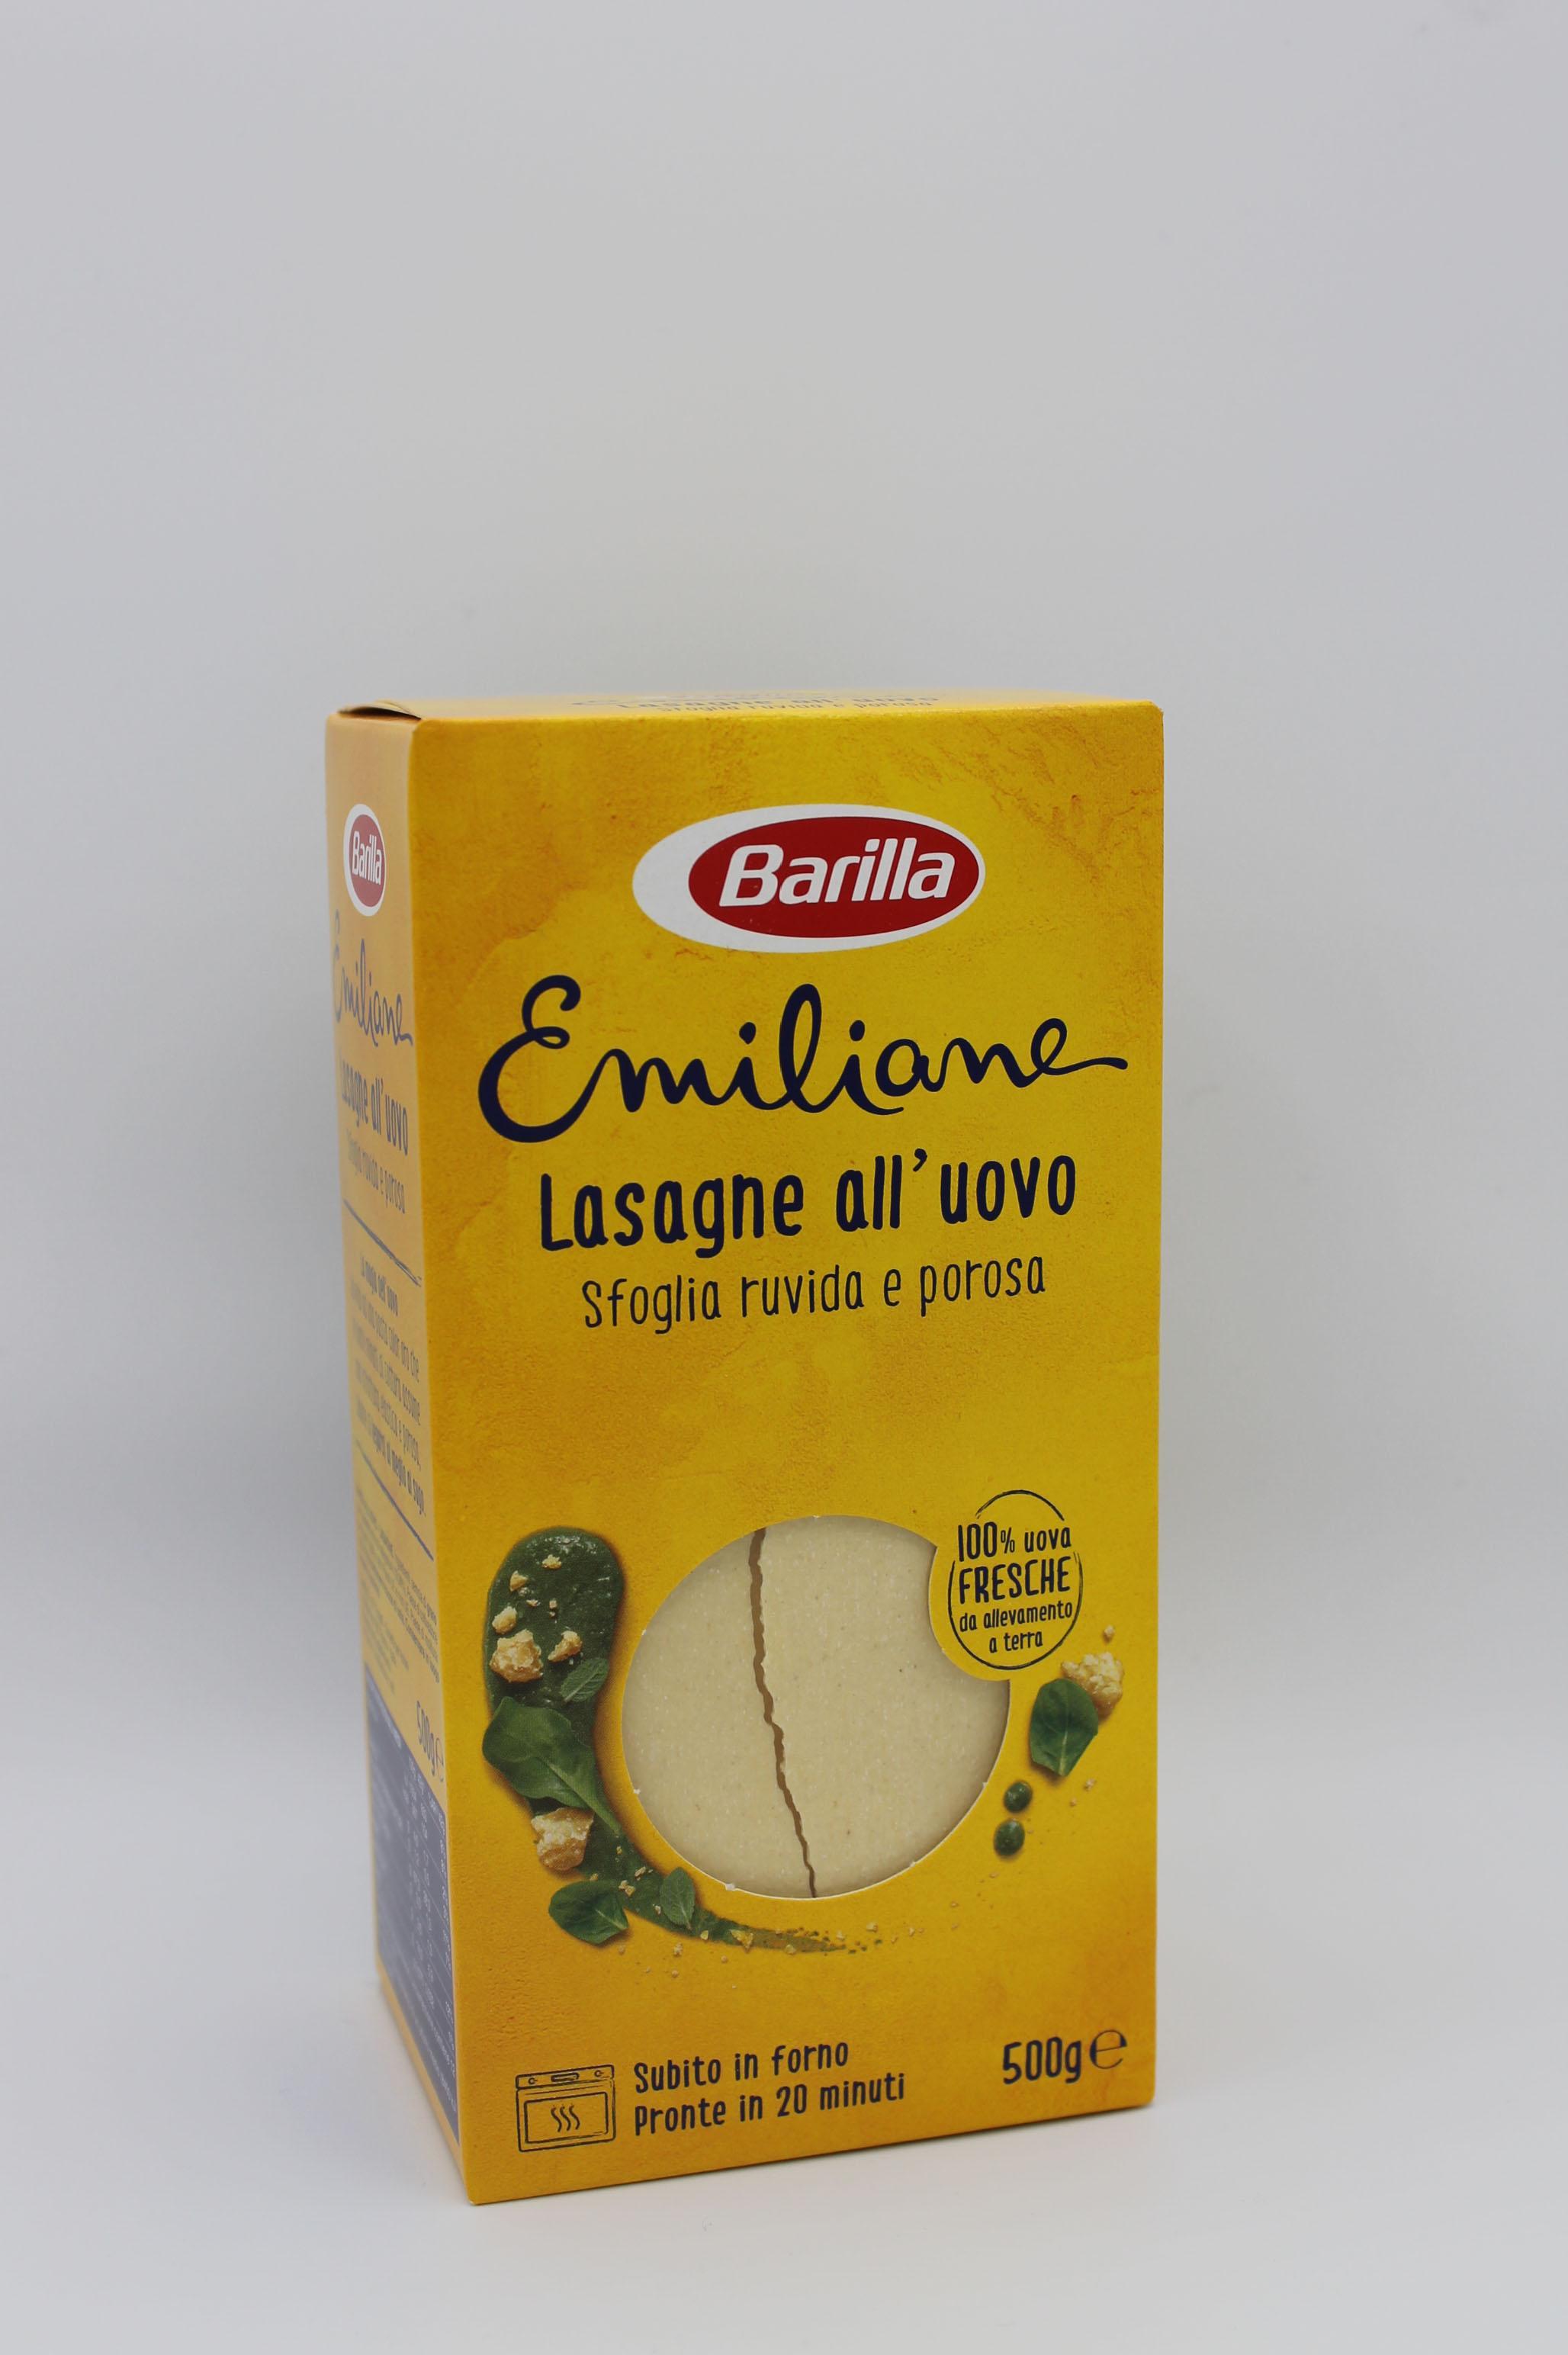 Barilla Le Emiliane lasagne all' uovo 500gr.